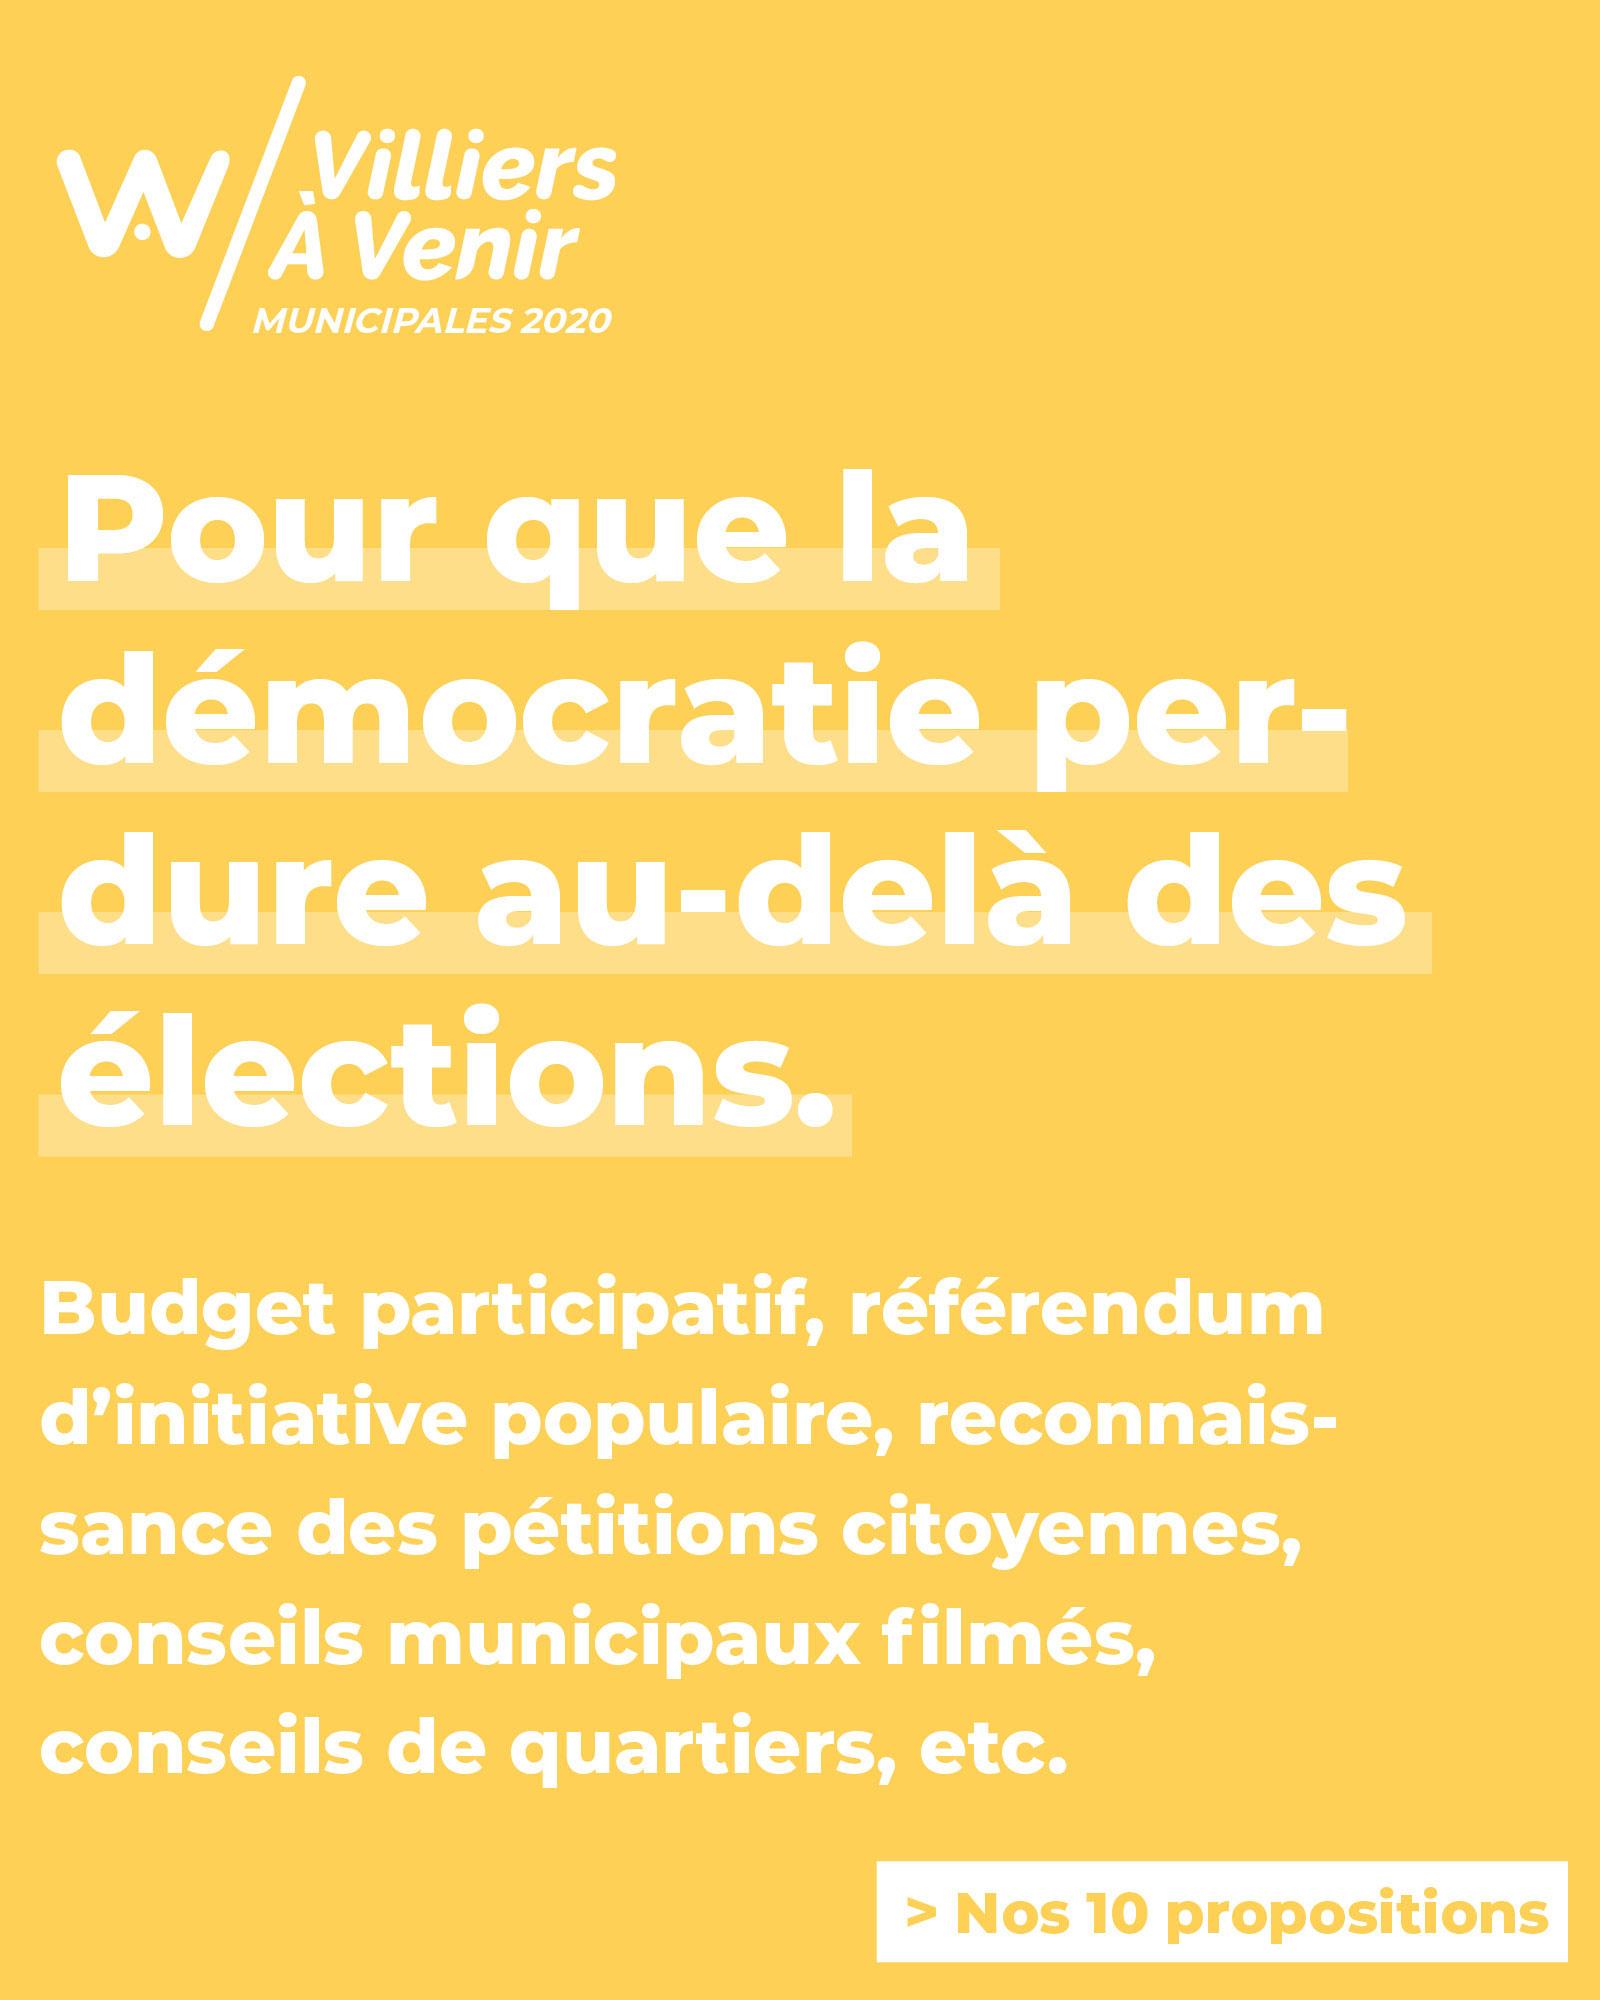 http://vav94.fr/wp-content/uploads/2020/01/PROGRAMME-DEMOCRATIE-LOCALE-VILLIERS-A-VENIR-MUNICIPALES-2020-VILLIERS-SUR-MARNE.jpg